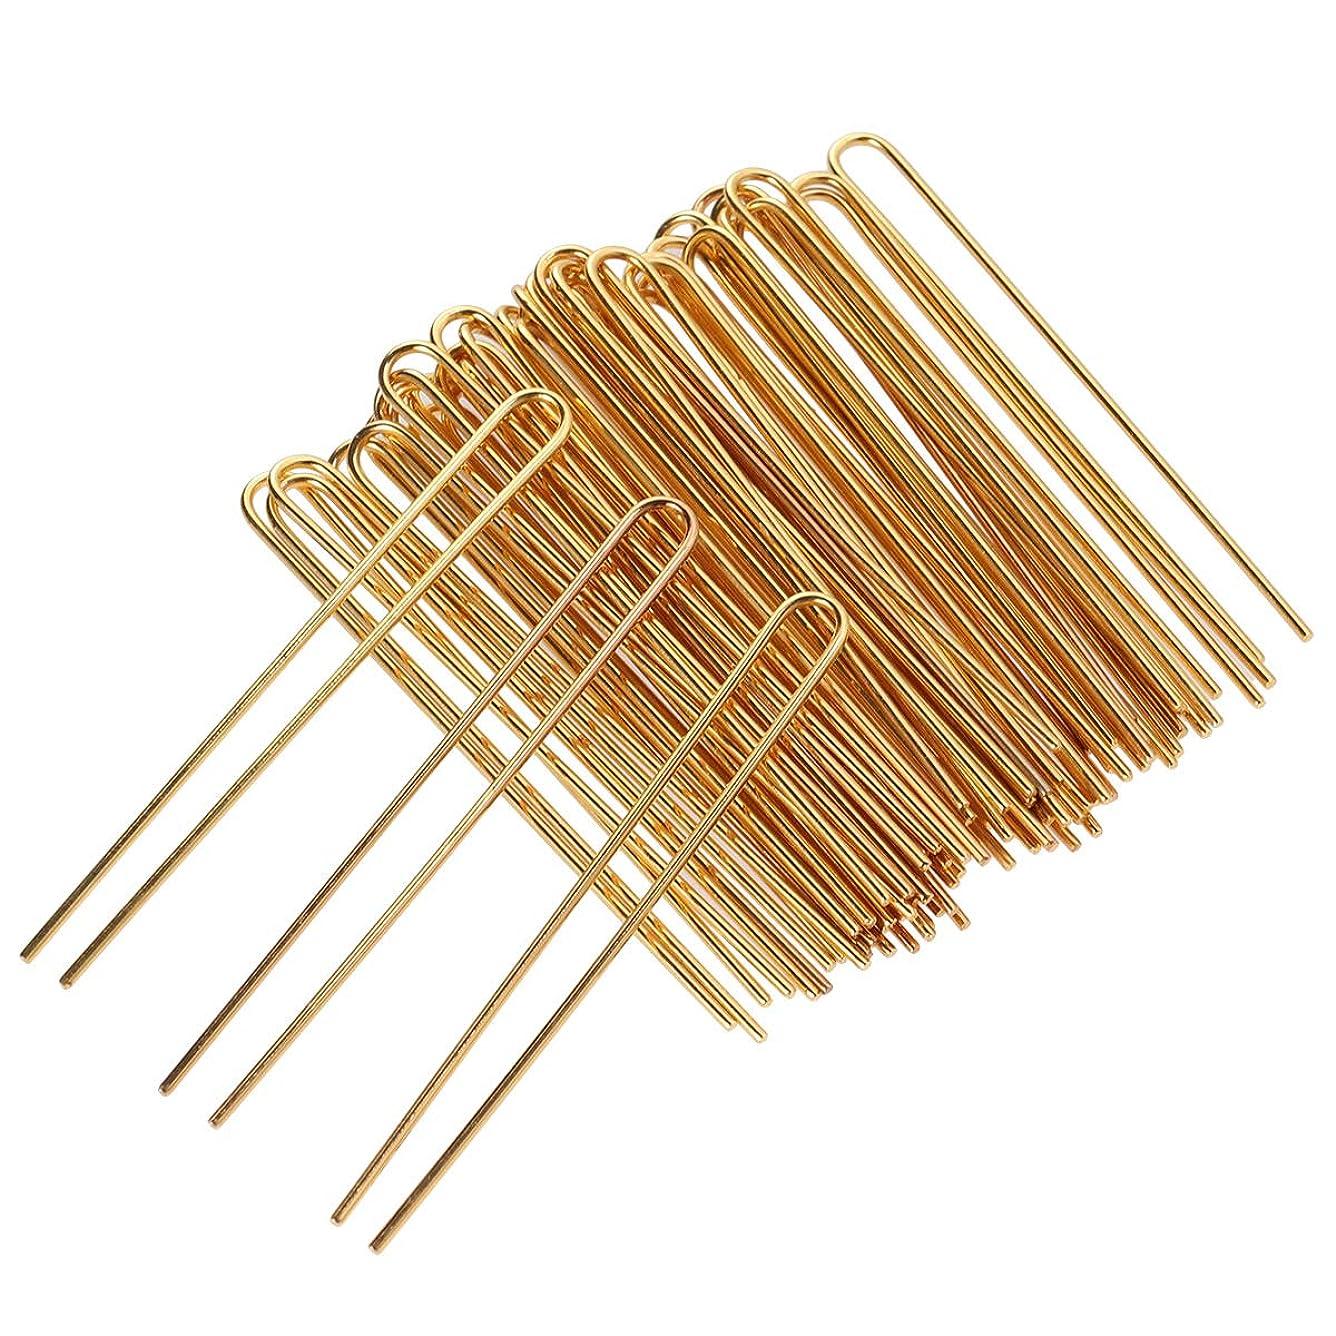 広げる追い出すネックレットSUPVOX 50個U字型ヘアピンヘアフォーク女性用ヘアクリップスティック女性用ヘアアクセサリーDIY Craft(Golden)